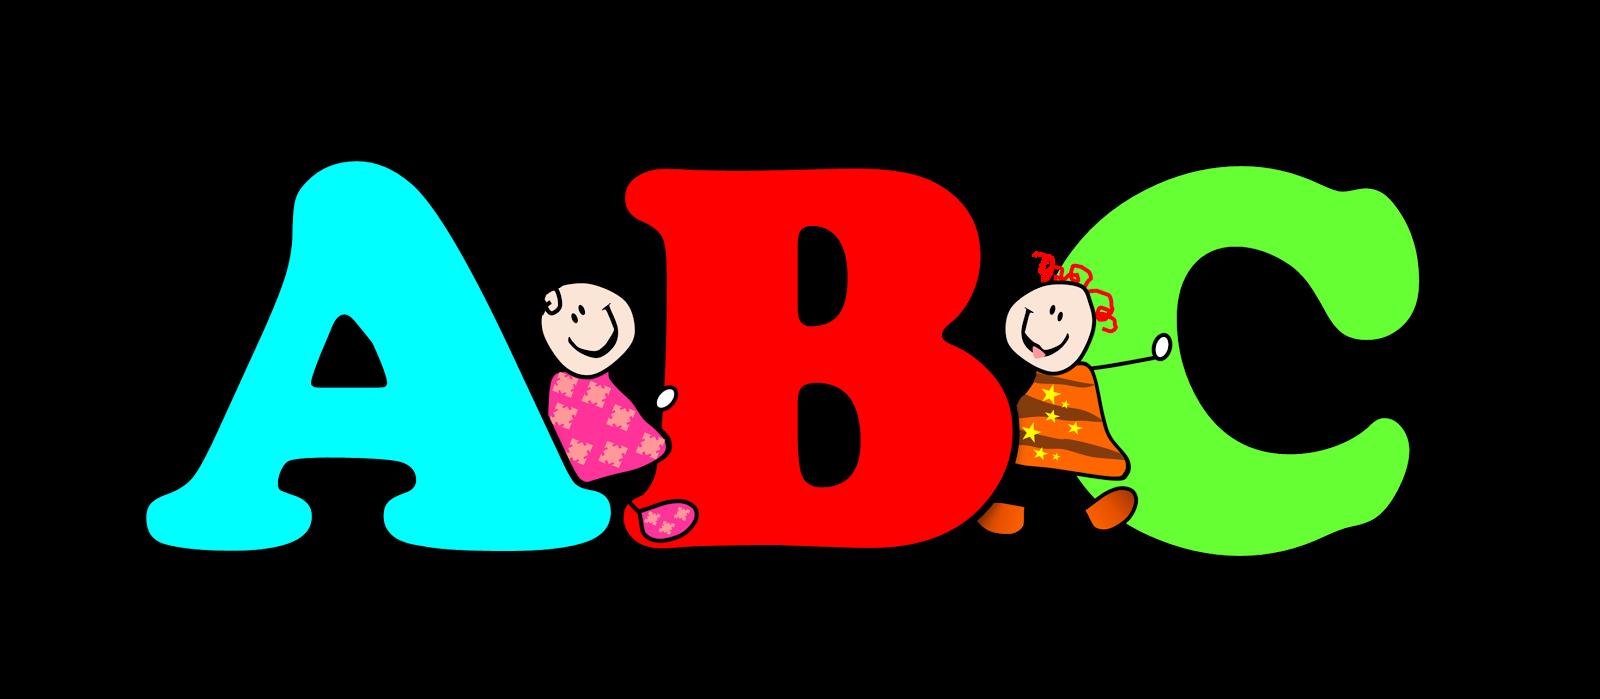 Abc clip art images illustrations photos-Abc clip art images illustrations photos-2